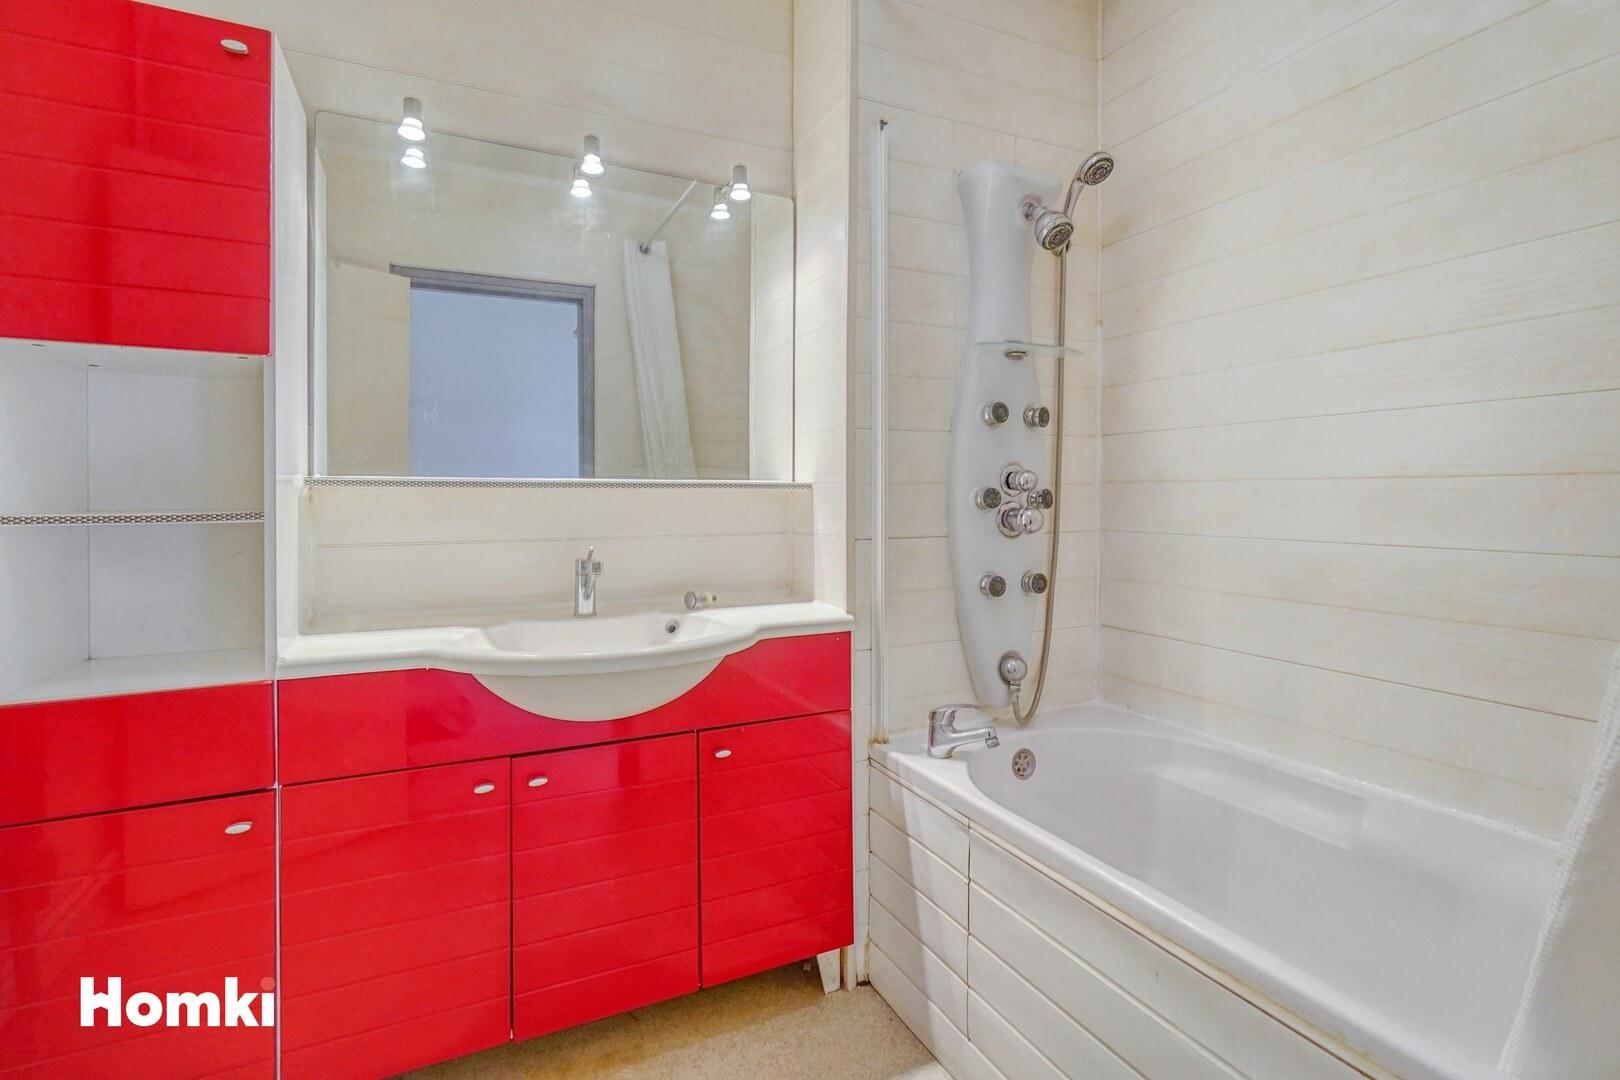 Homki - Vente Appartement  de 64.0 m² à Talence 33400